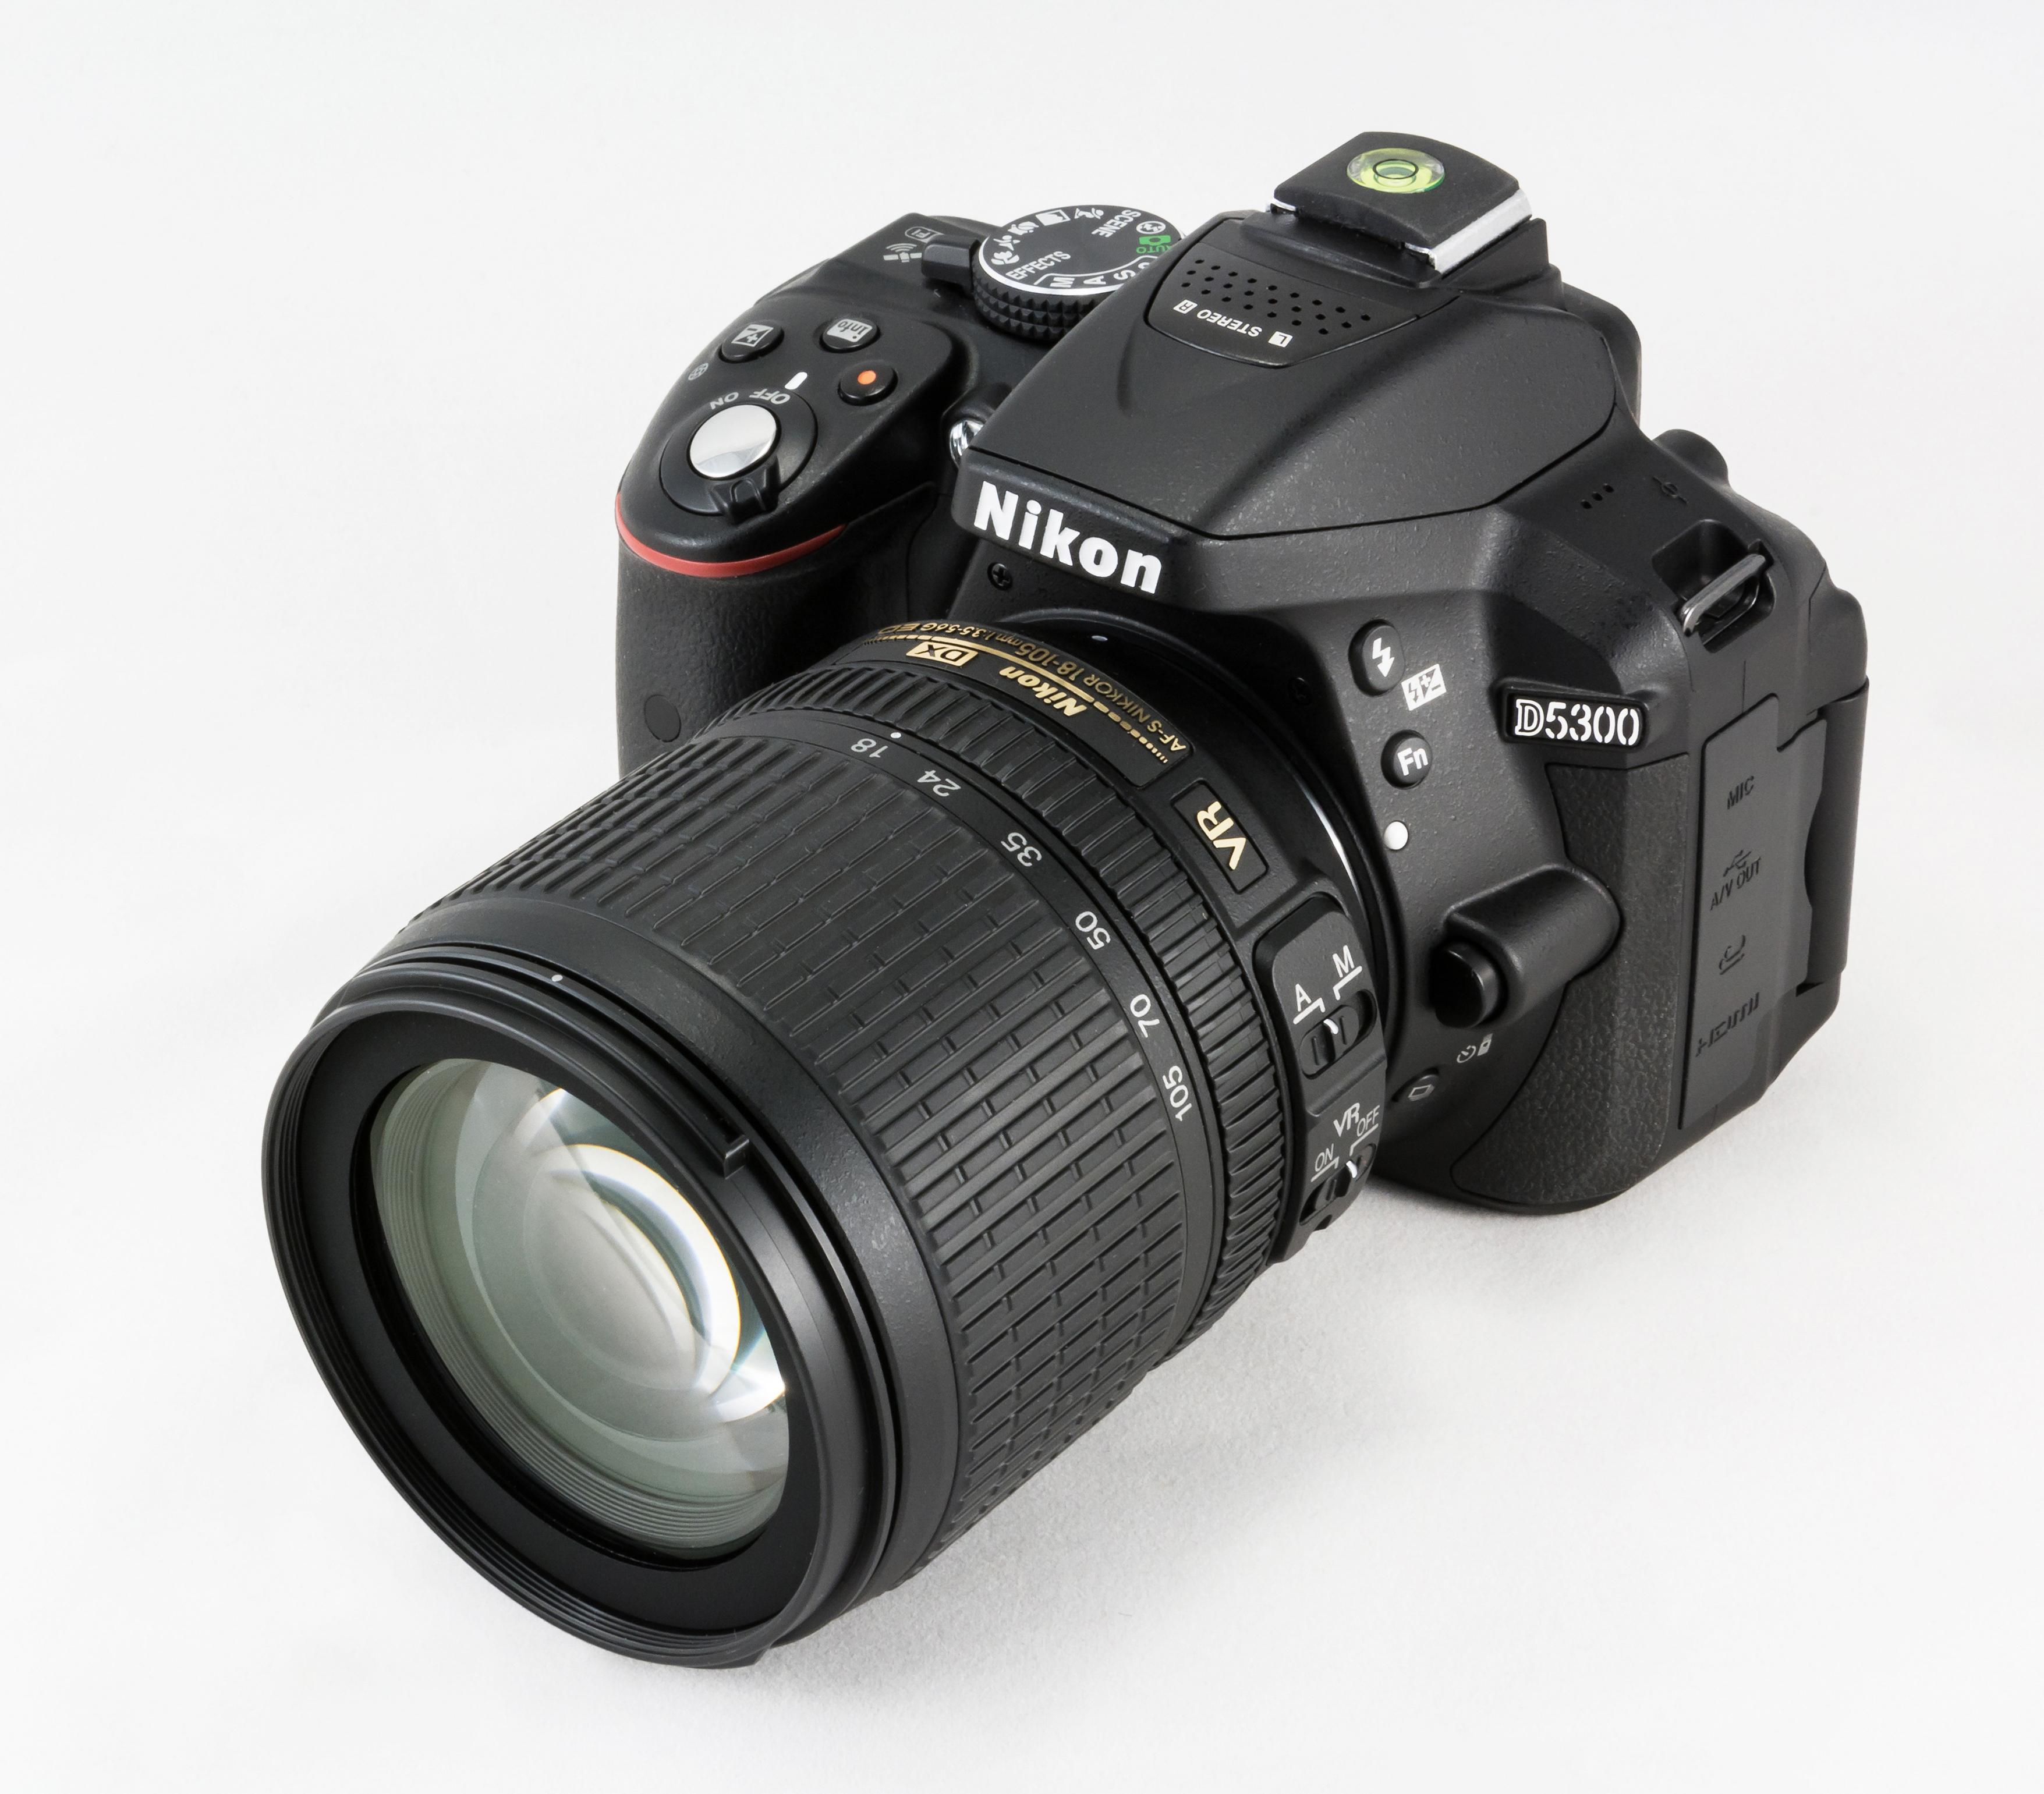 Nikon D5300 - Wikipedia